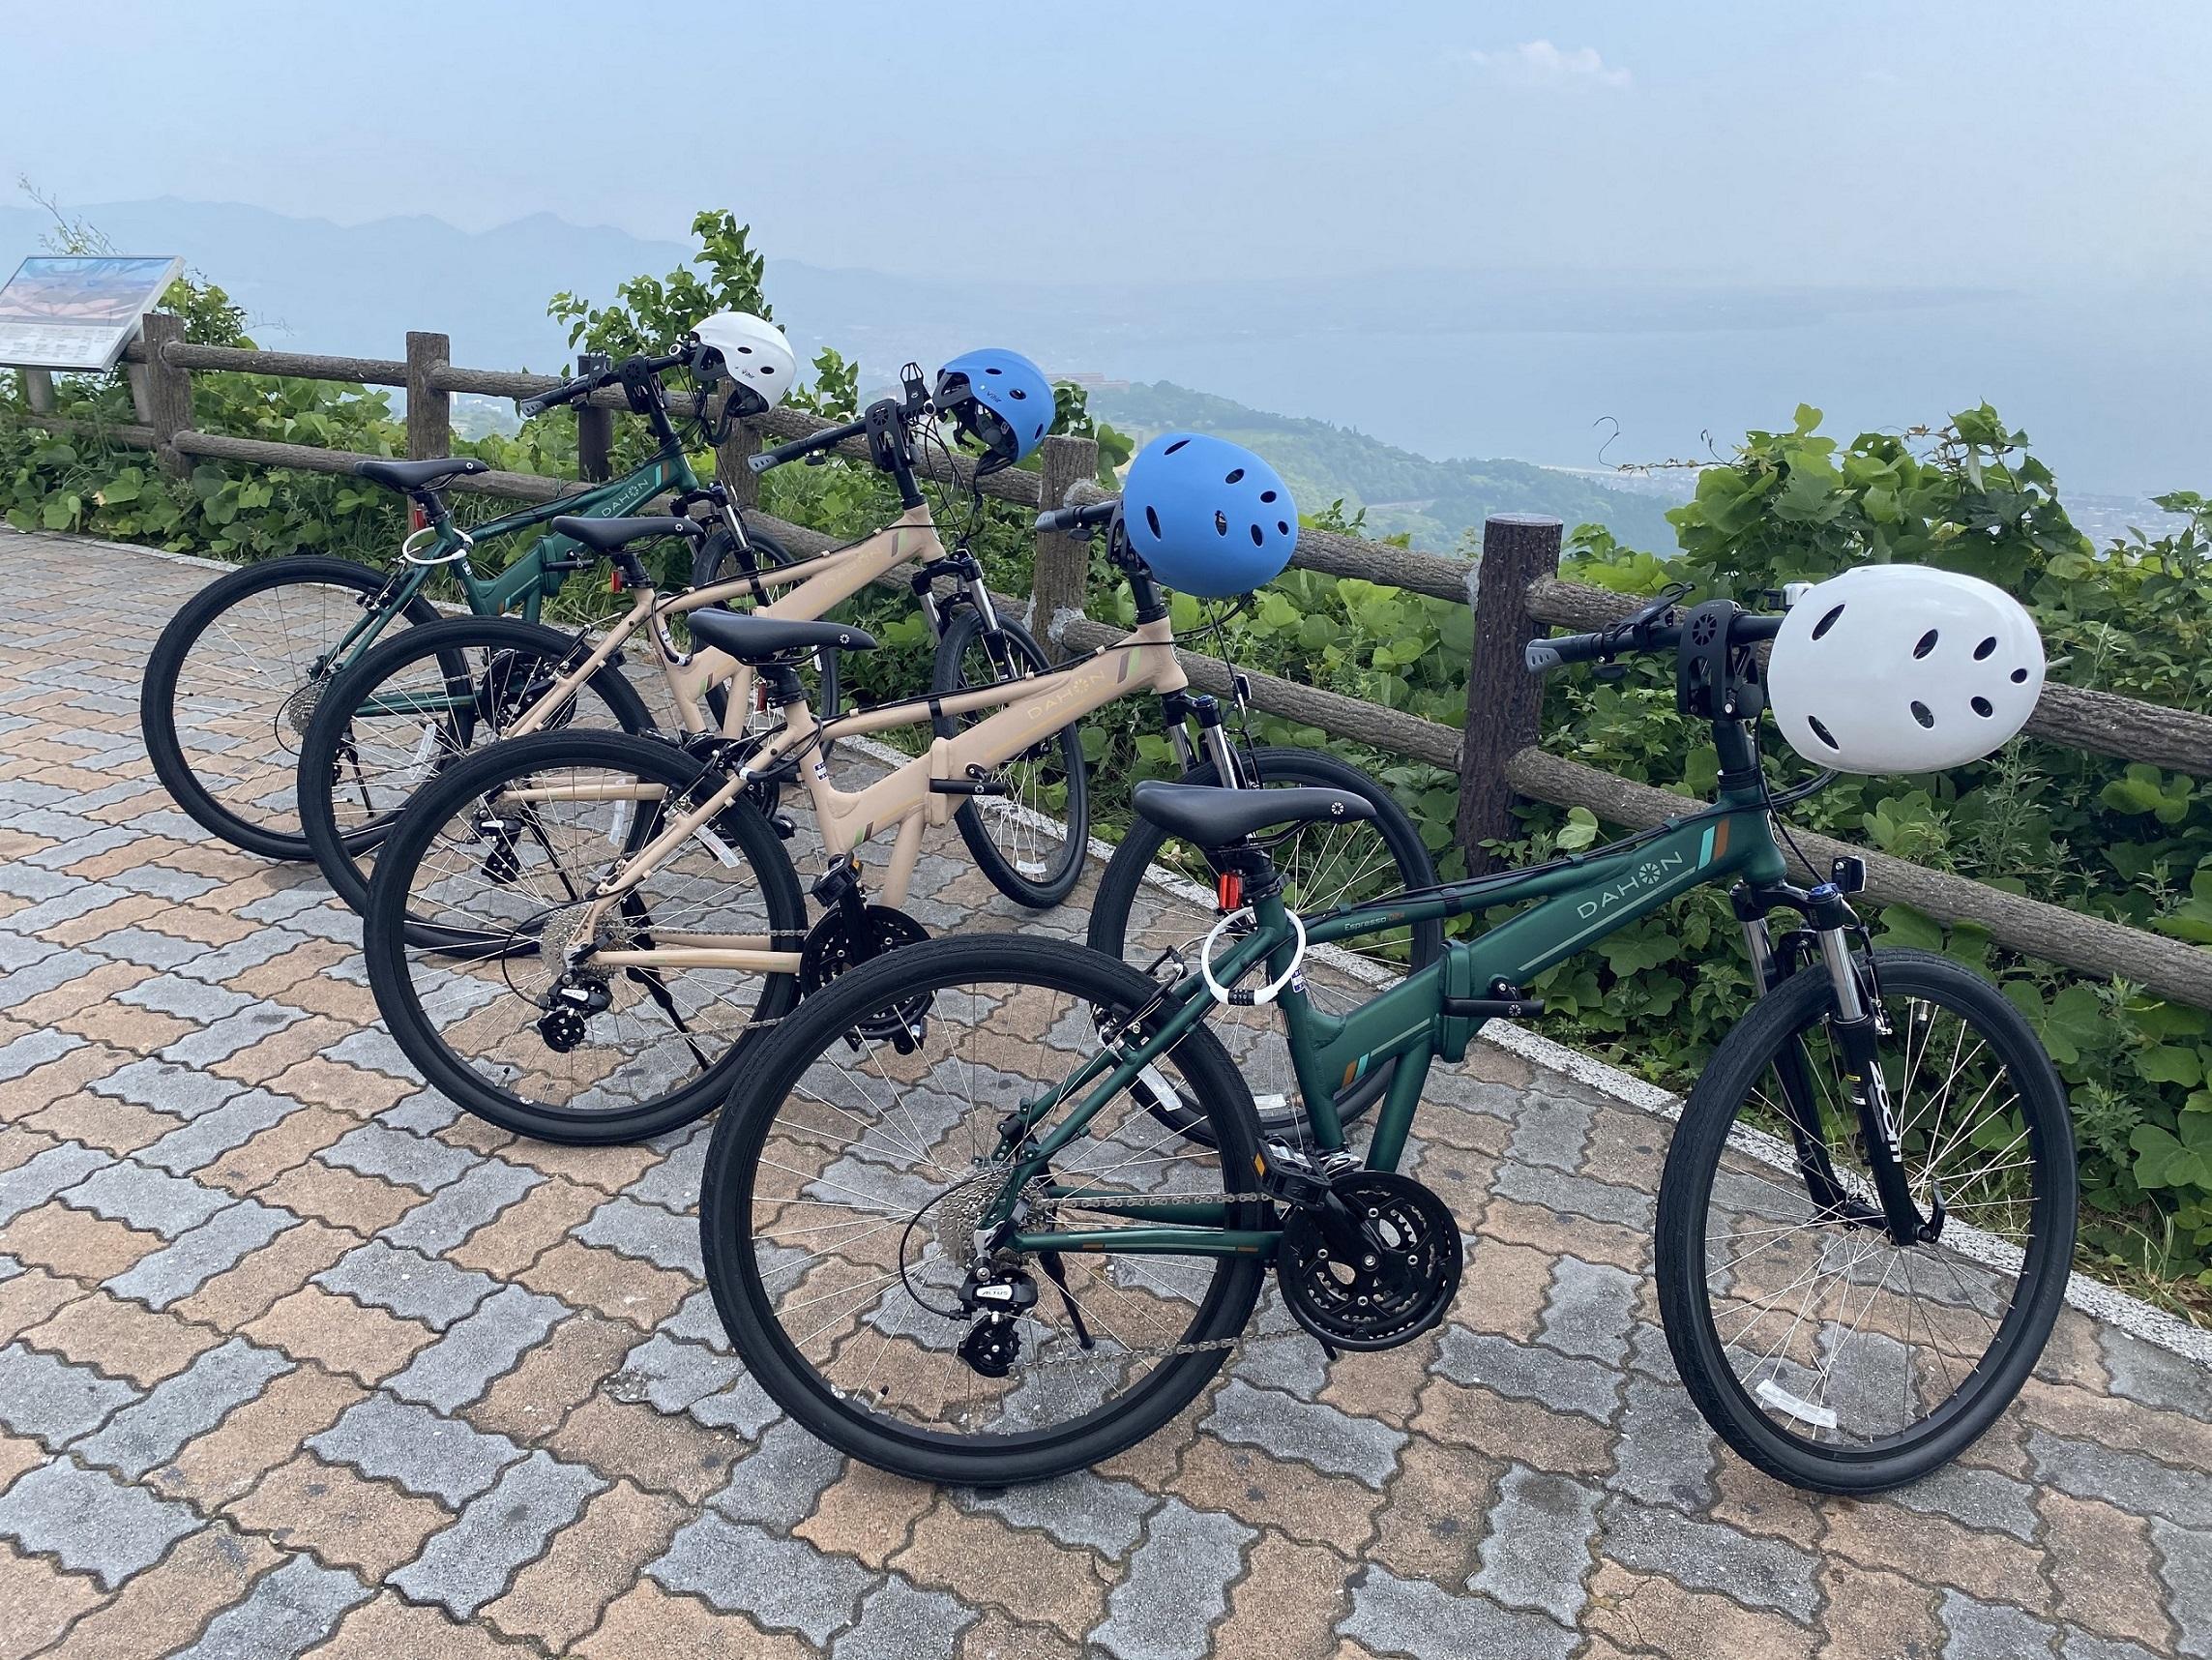 自転車は初心者にも乗りやすいDAHON社のEspressoD24というマウンテンバイクです。